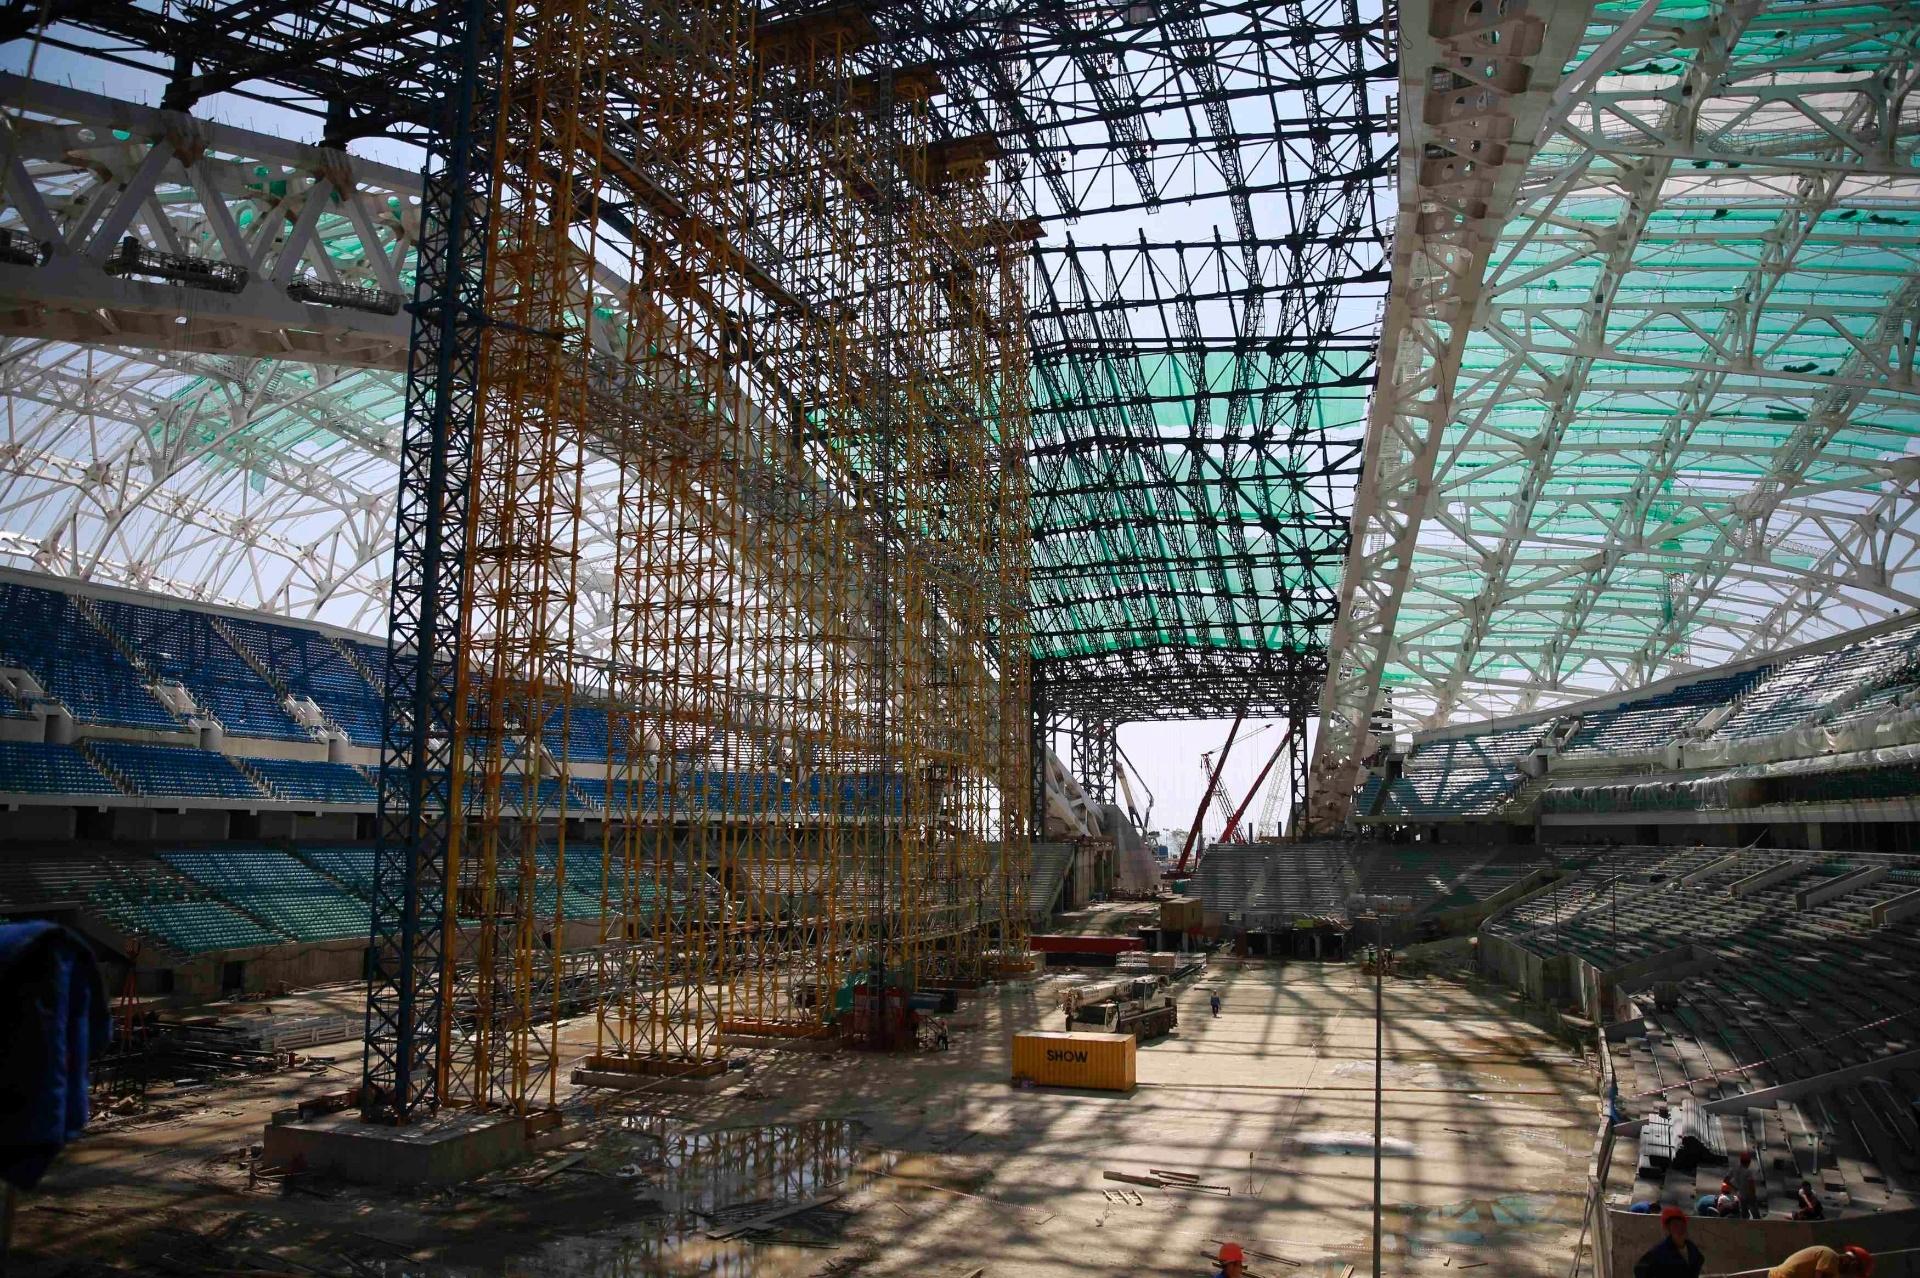 20.ago.2013 - Com uma arquitetura bastante complexa, com direito a uma cobertura espelhada em formato de concha, o estádio olímpico Fisht é a estrutura mais atrasada dos Jogos de inverno de Sochi-2014. Entretanto, o local não sediará provas da Olimpíada, apenas as cerimônias de abertura e encerramento